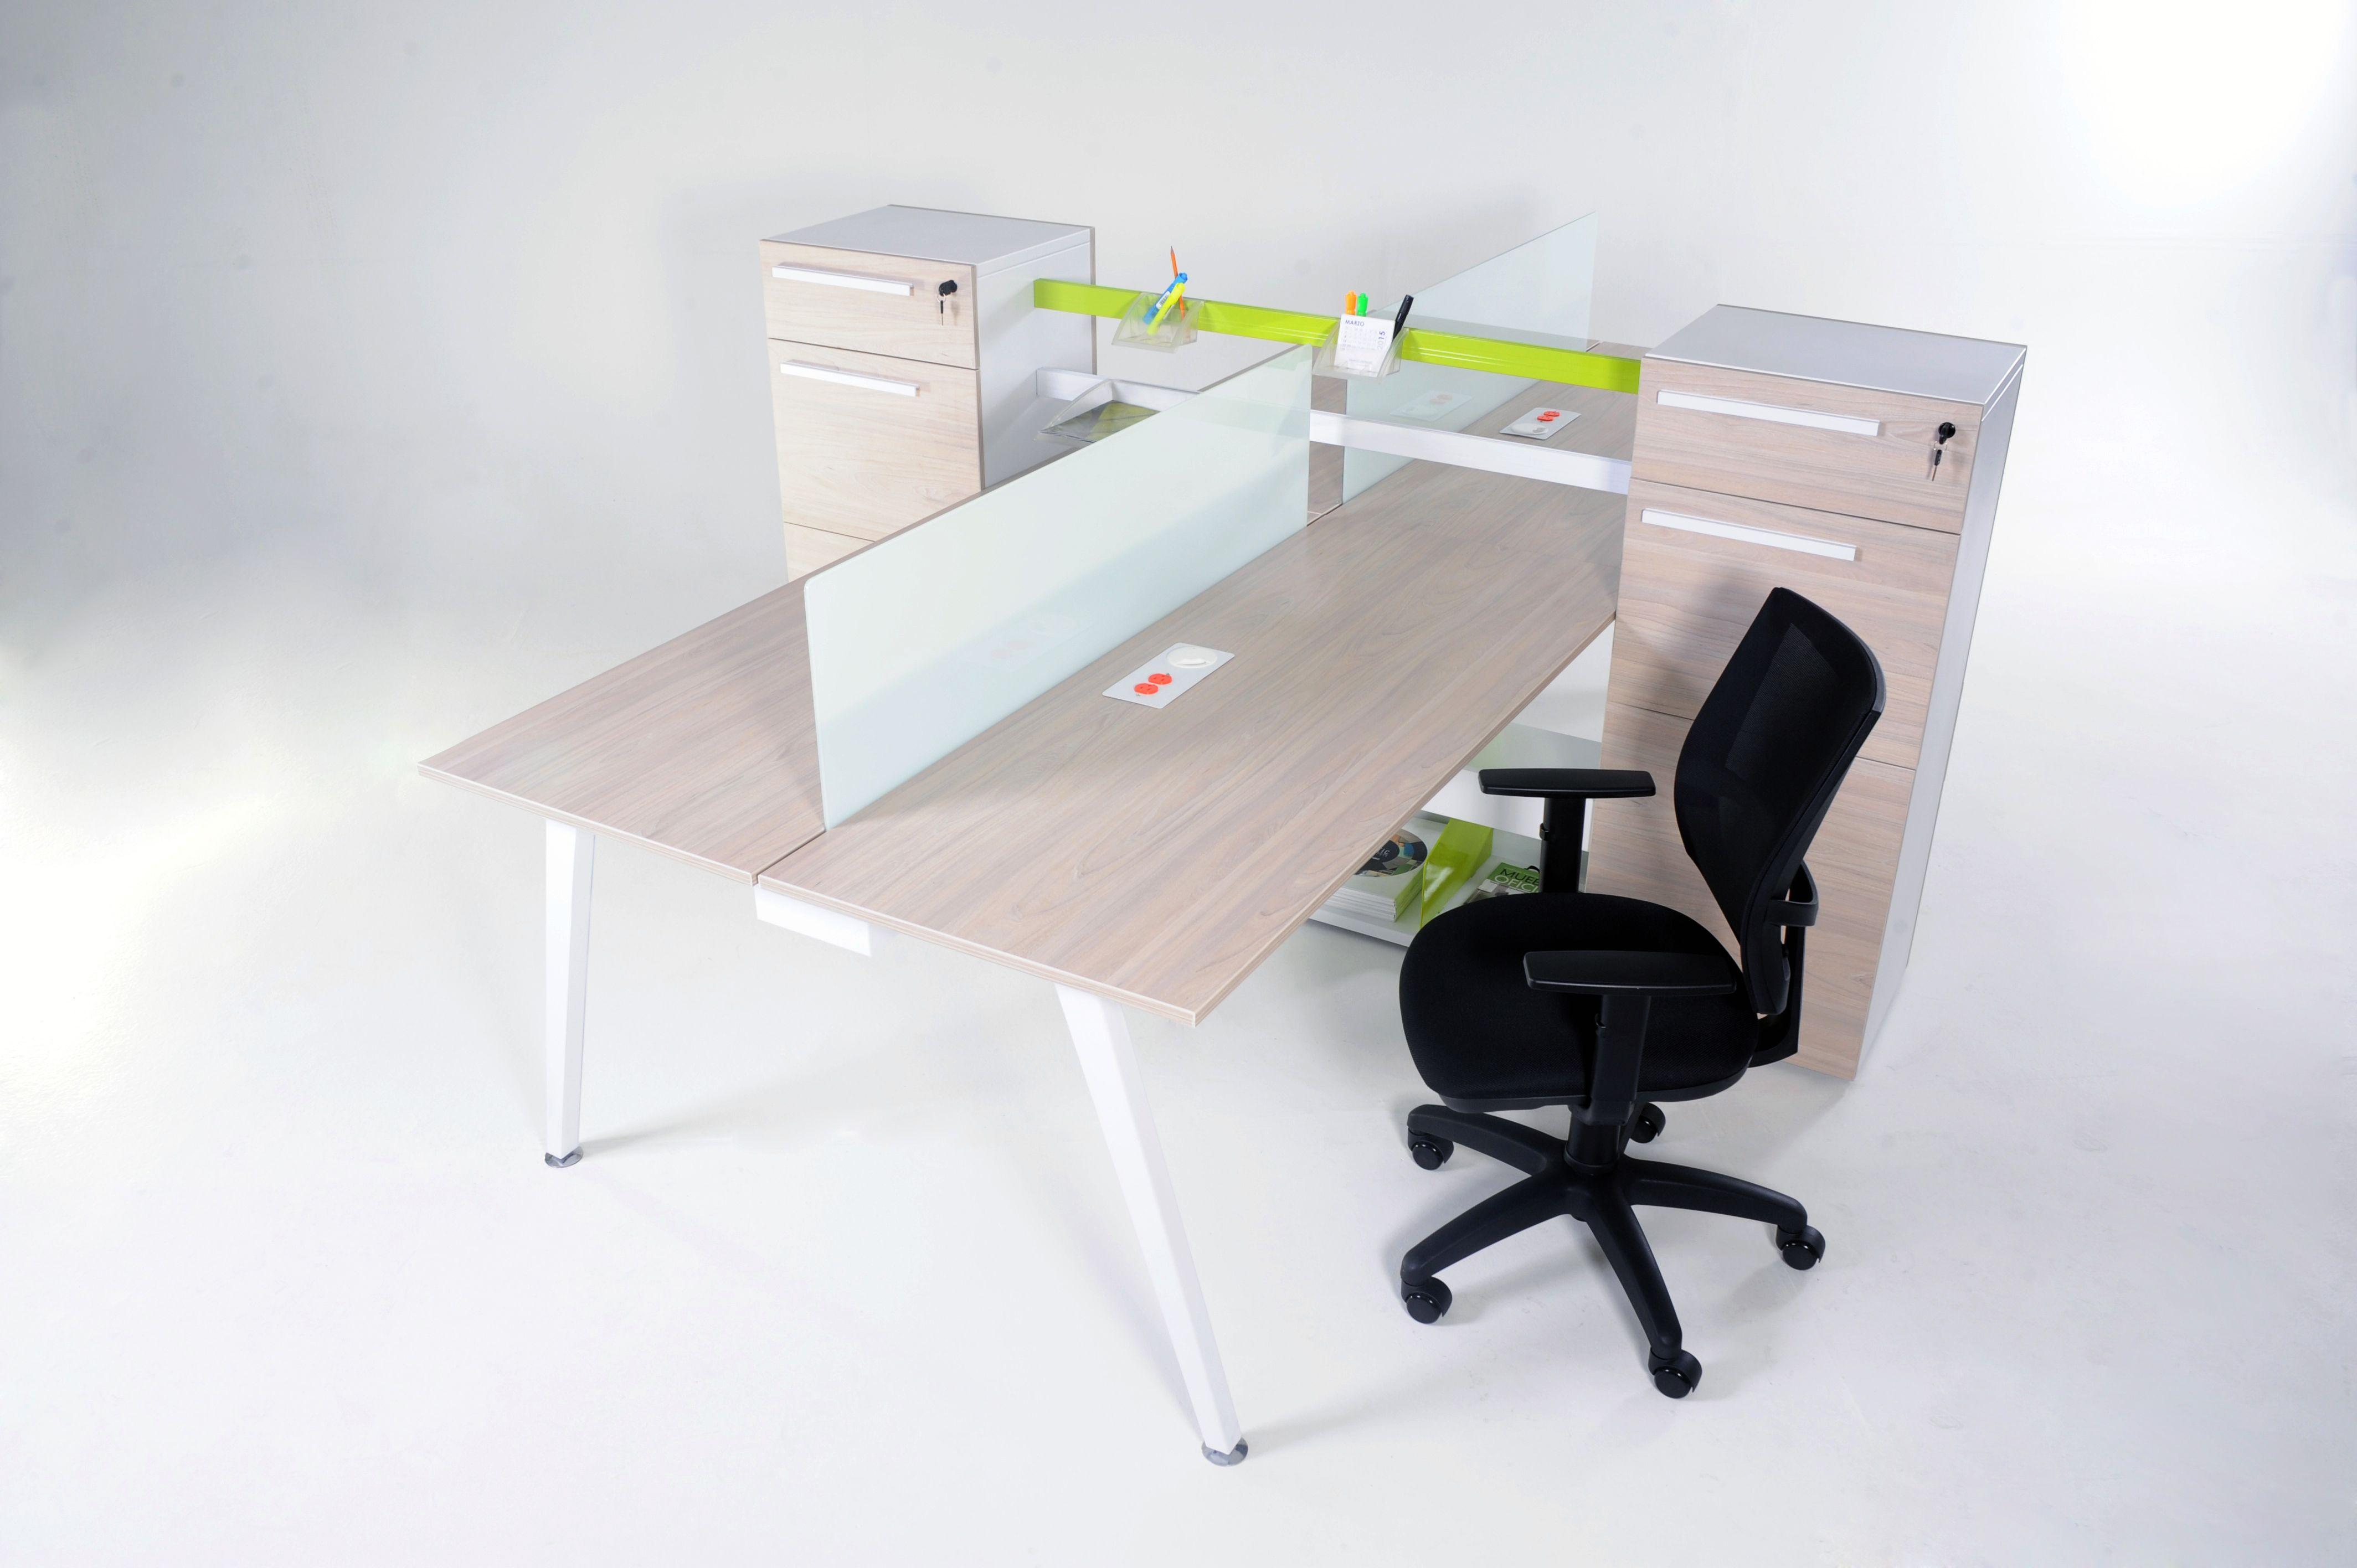 L Nea Euro Puestos De Trabajo Ergon Micos Y Amigables Con El  # Muebles Ergonomicos